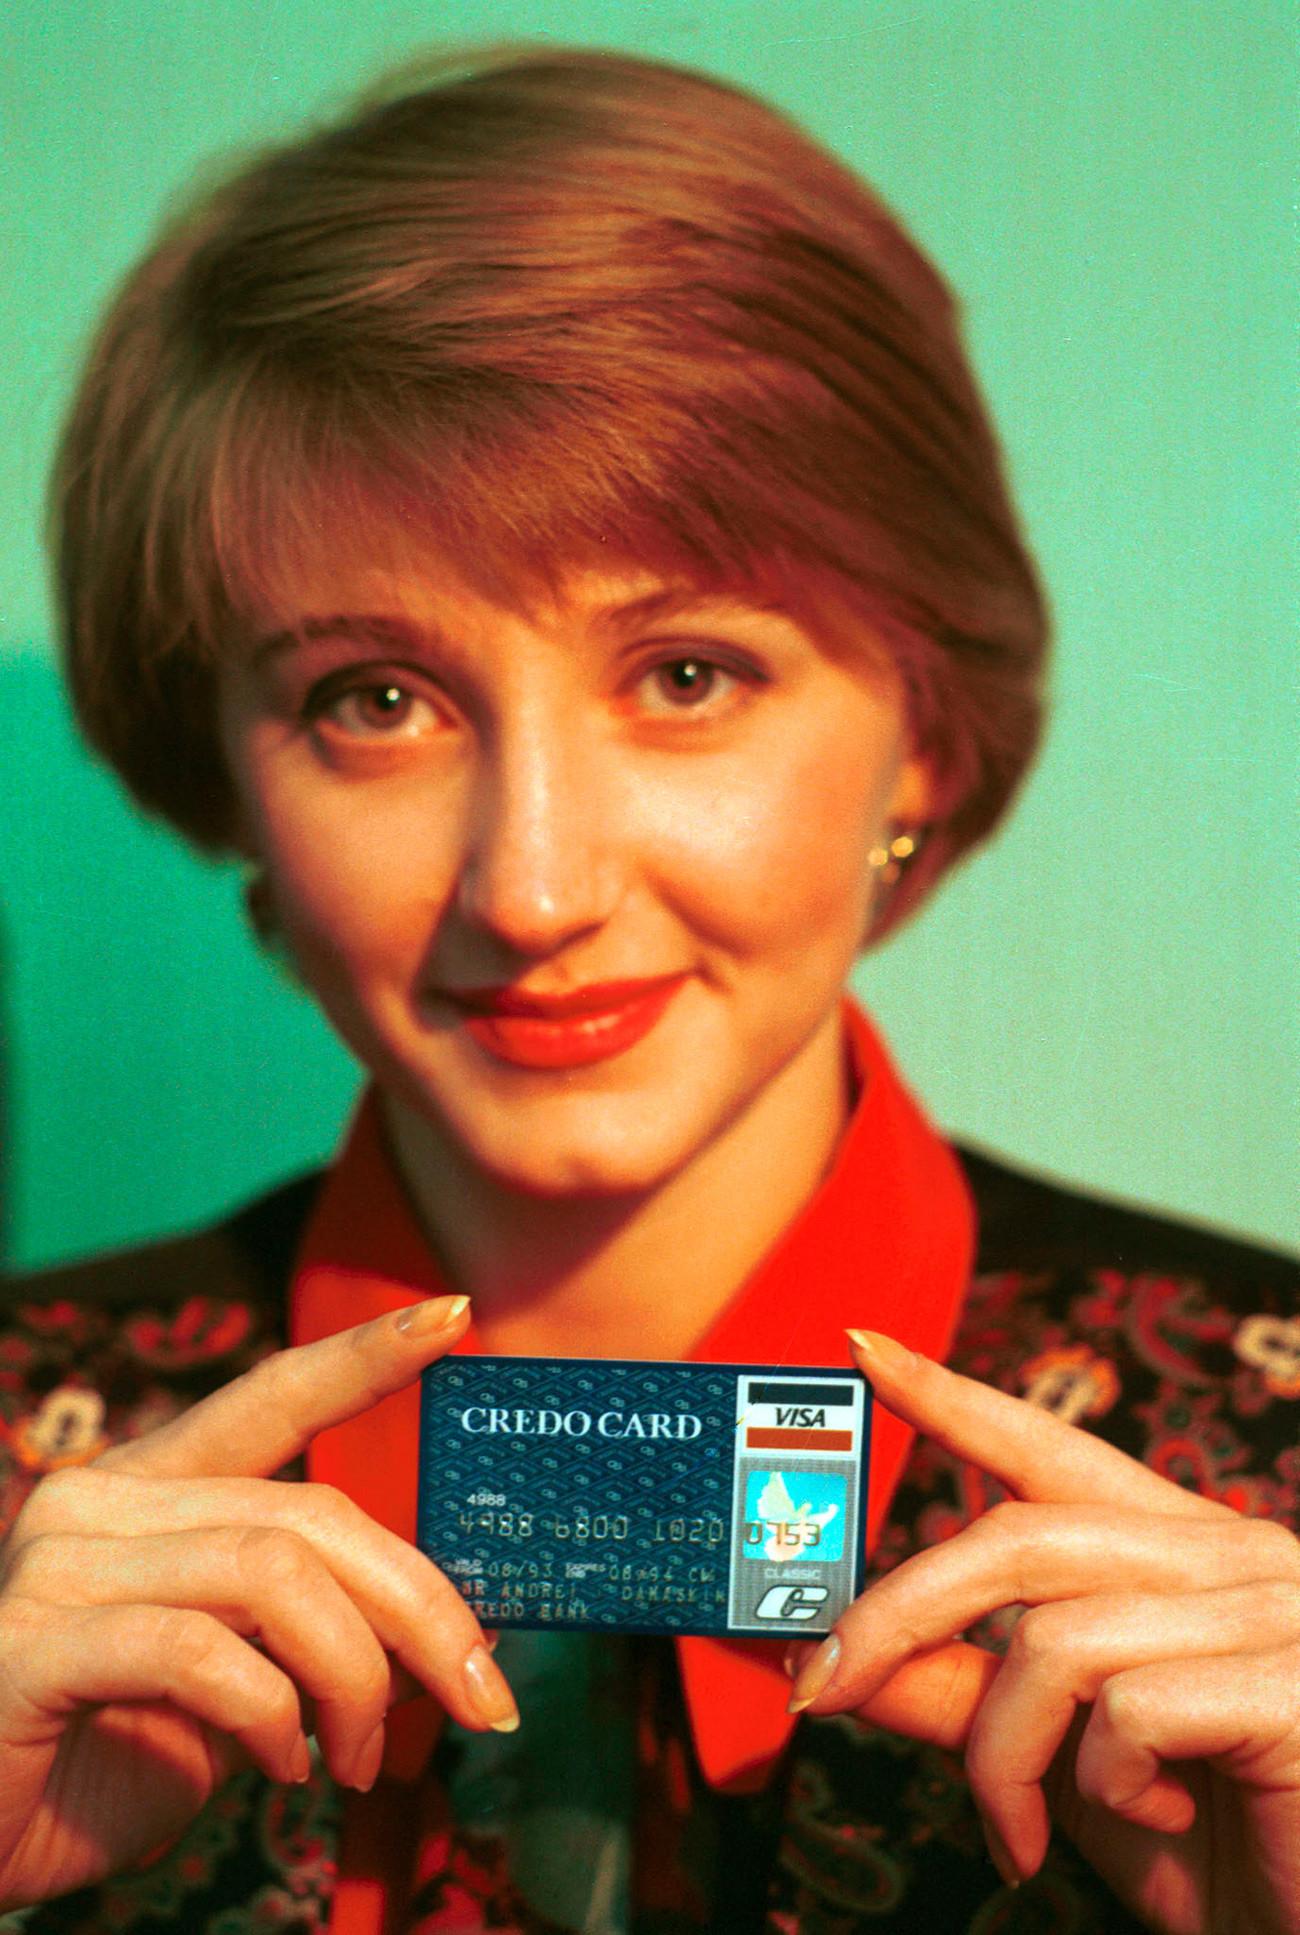 Kredobank a été la première banque commerciale à obtenir la licence générale autorisant les transactions en devises étrangères. Sur la photo : la carte Credo Card.